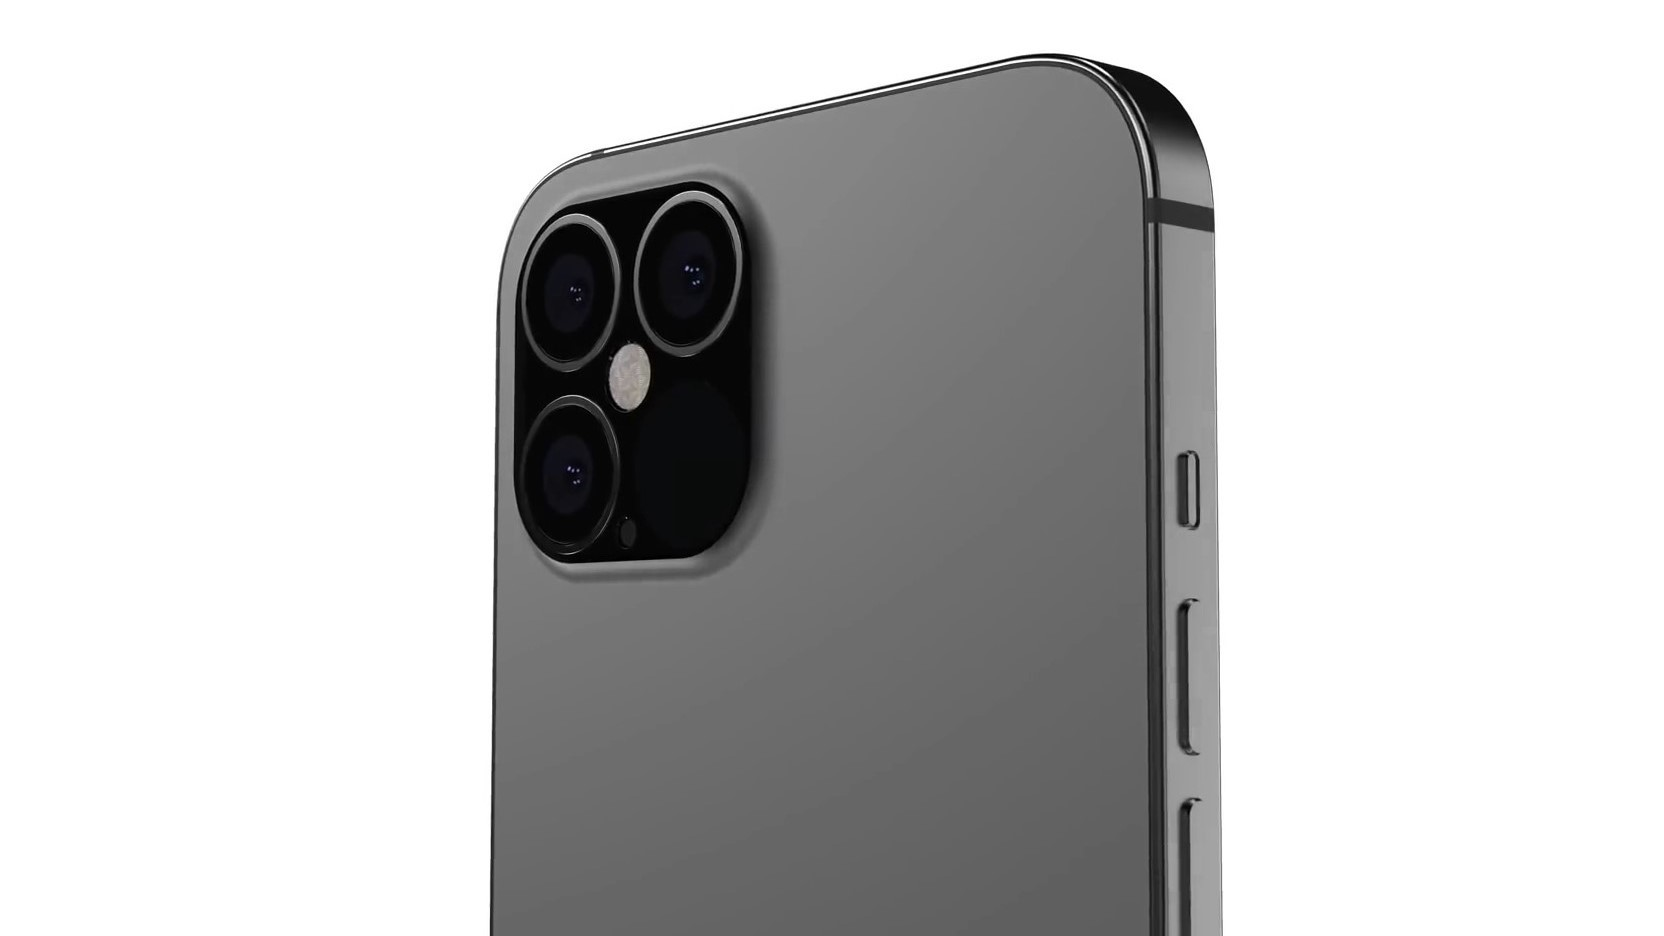 iphone 12 autofocus and periscope lens